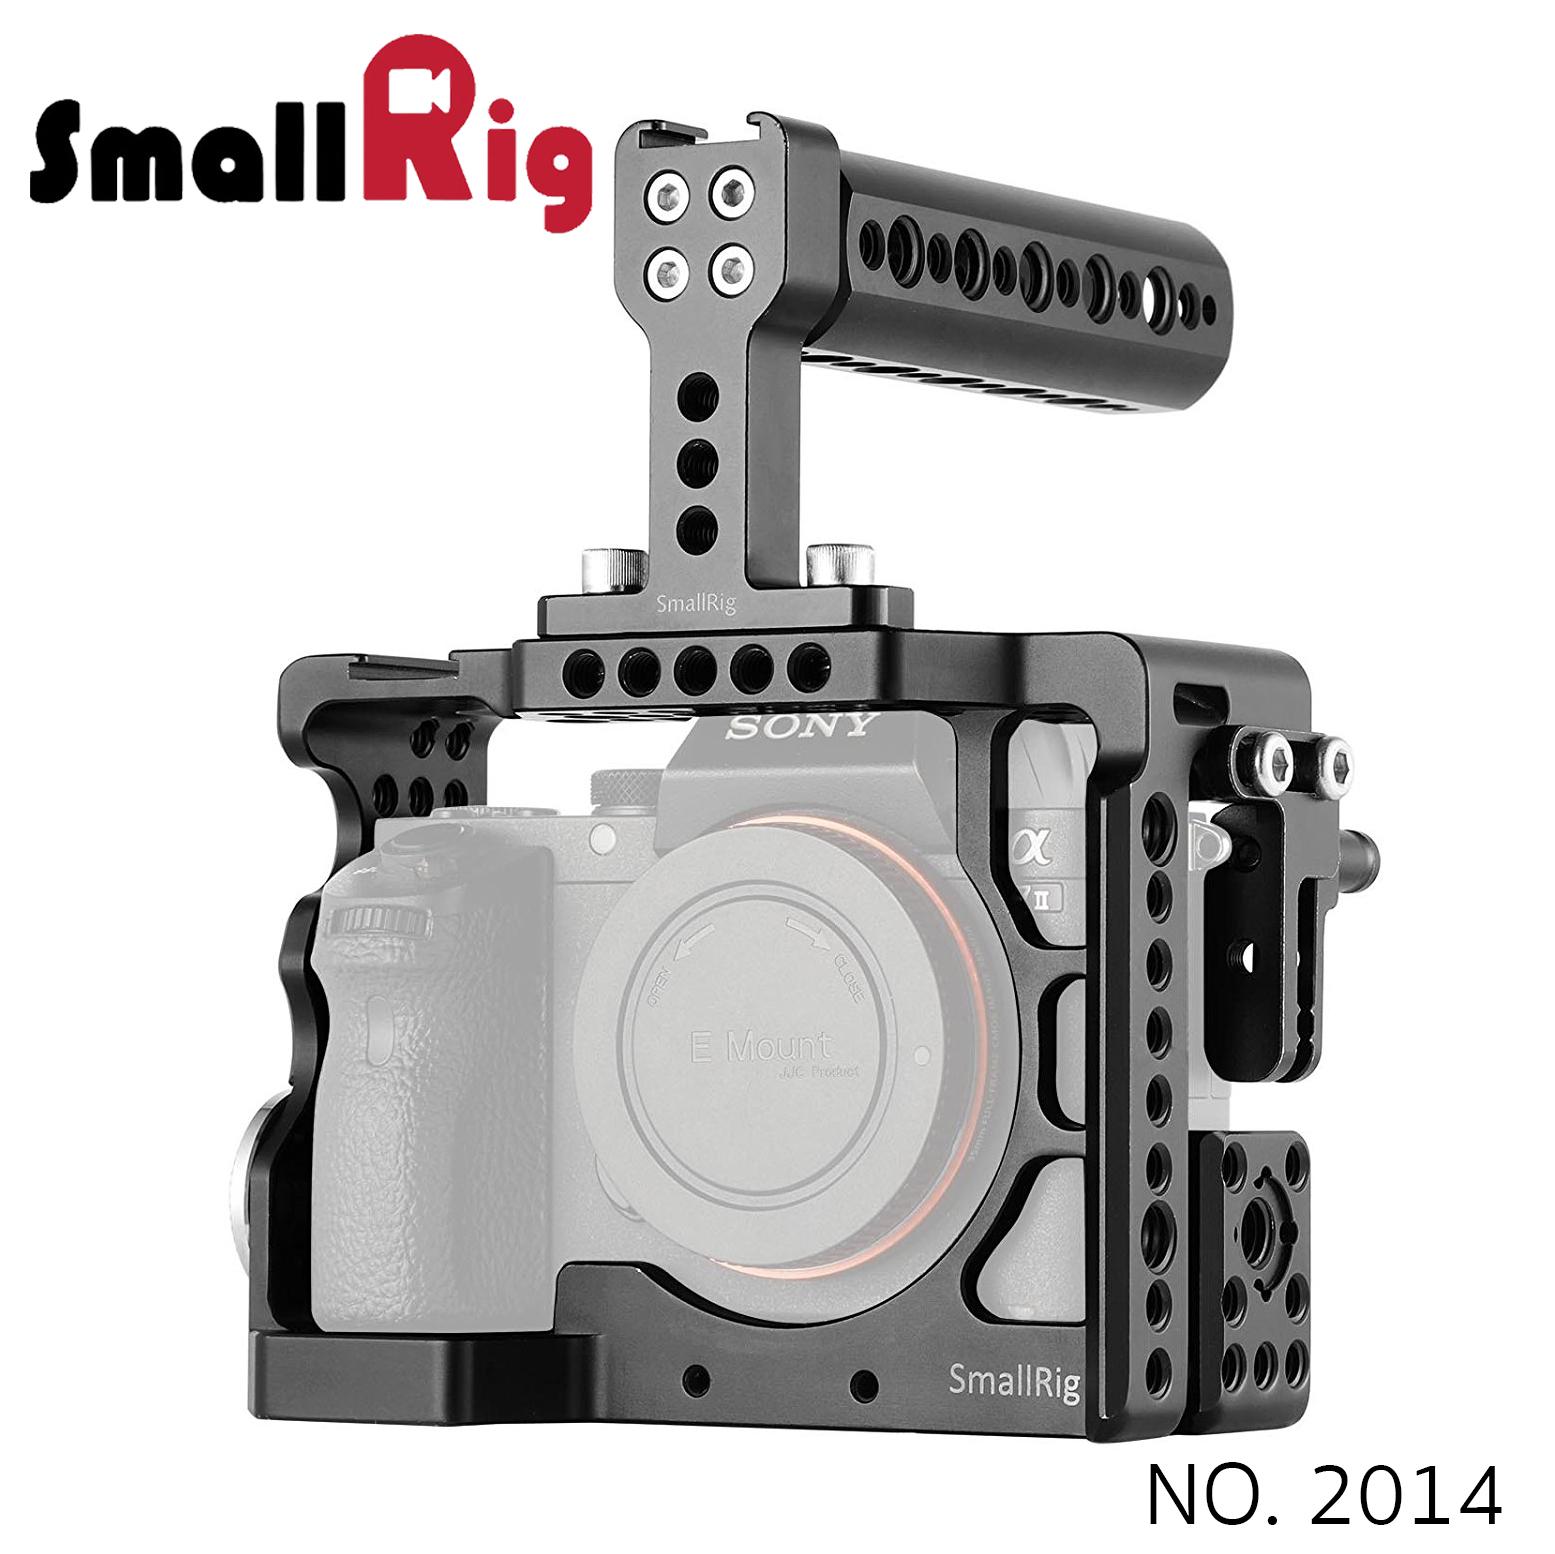 SMALLRIG® SONY A7II/A7RII/A7SII Accessory Kit 2014